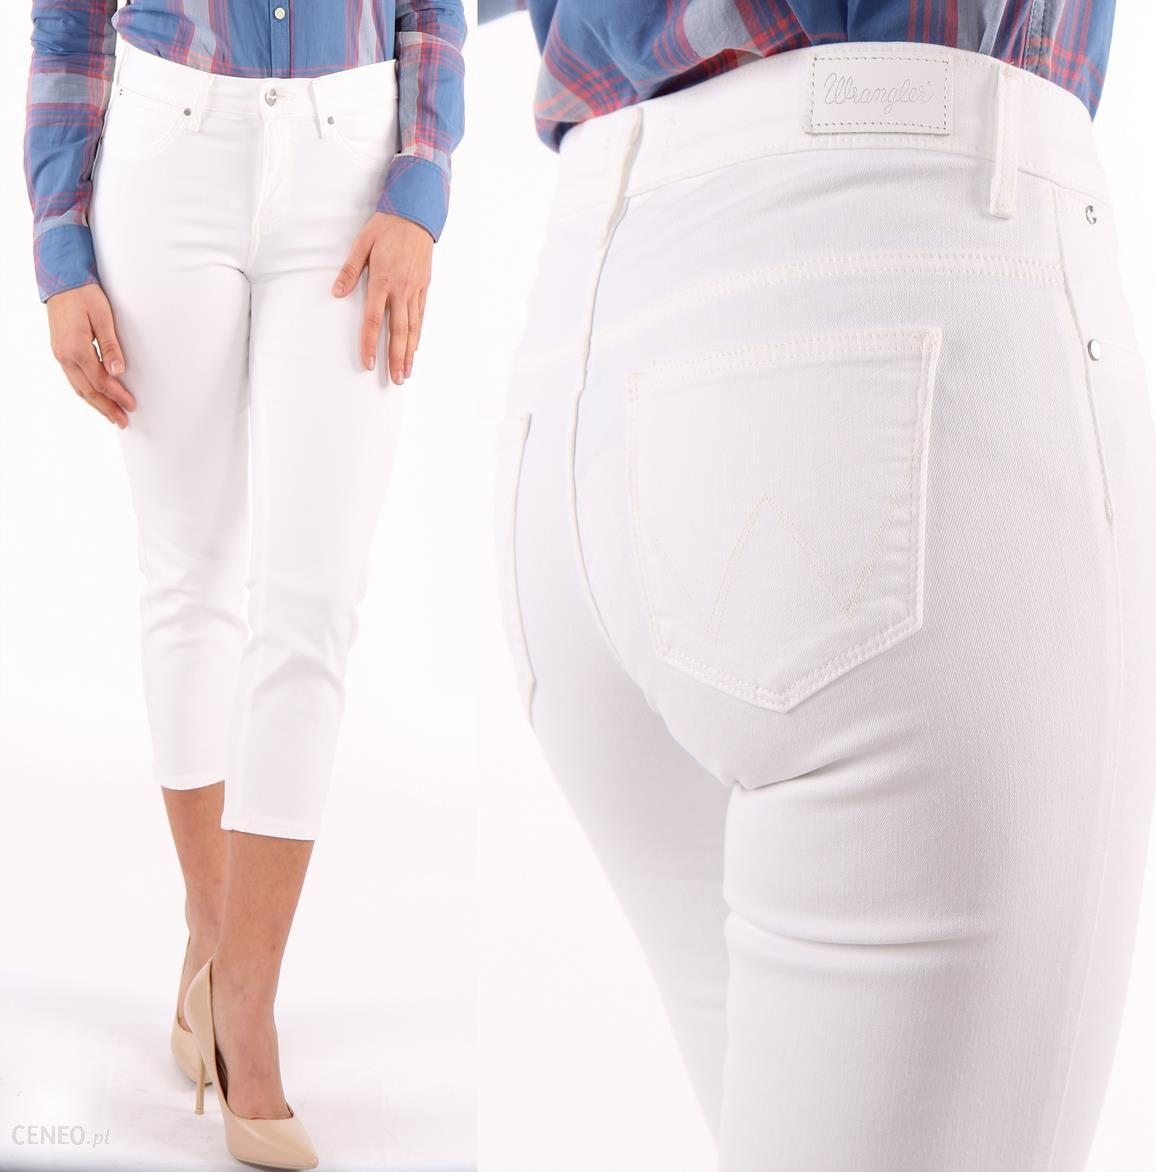 Spodnie I W27 Capri Ceneo pl 34 L32 Wrangler Białe Opinie Ceny 4LA5jR